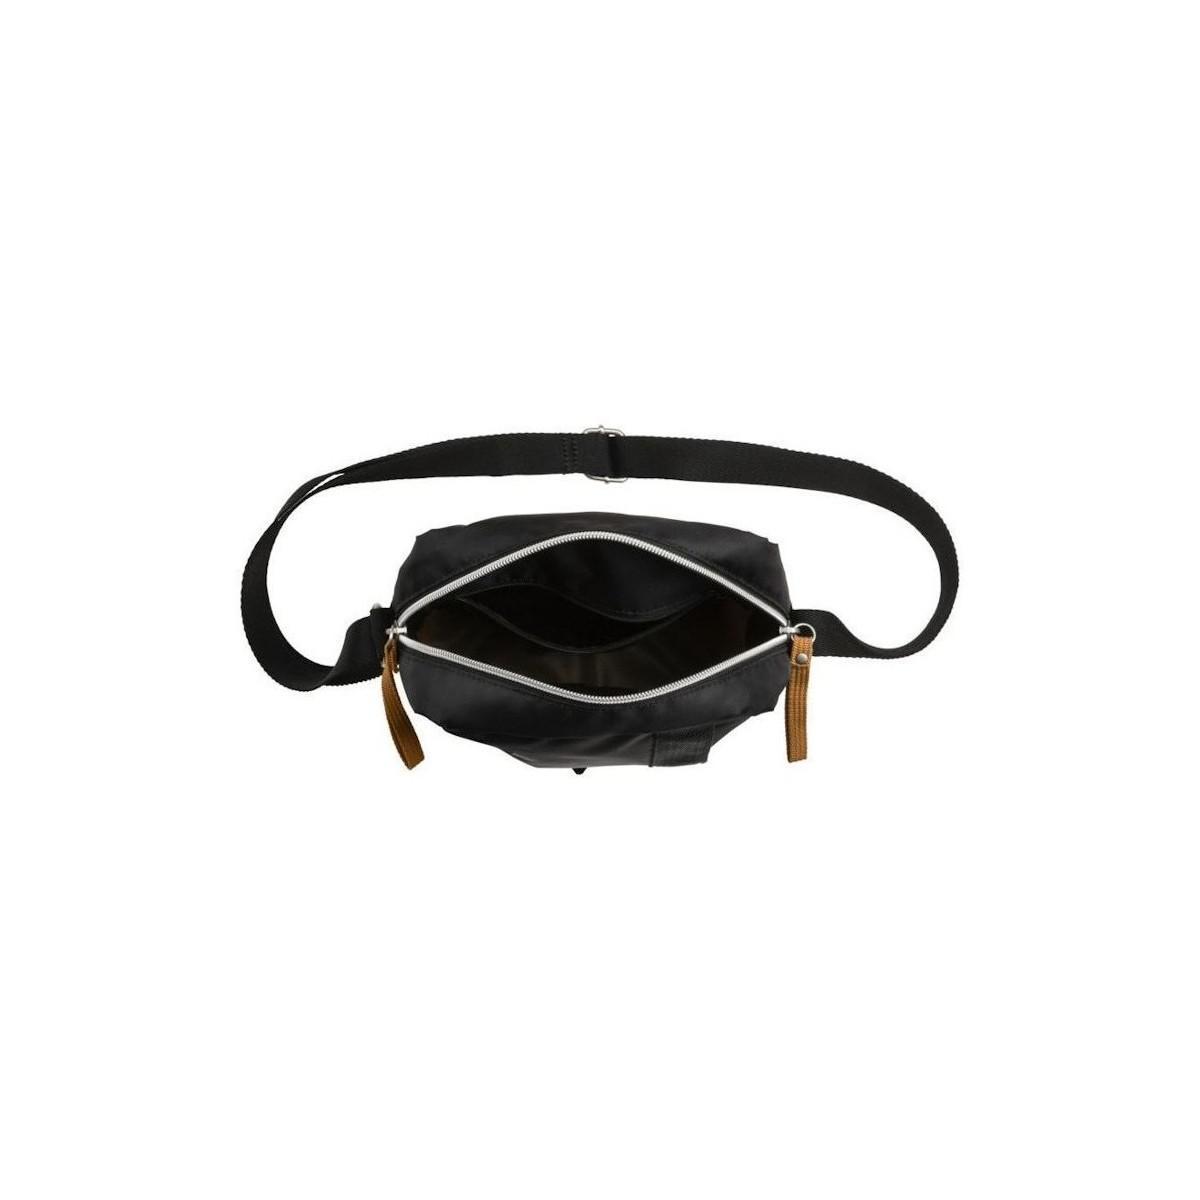 38a38df93068 Puma Sf Fanportable Men s Shoulder Bag In Multicolour in Black for ...